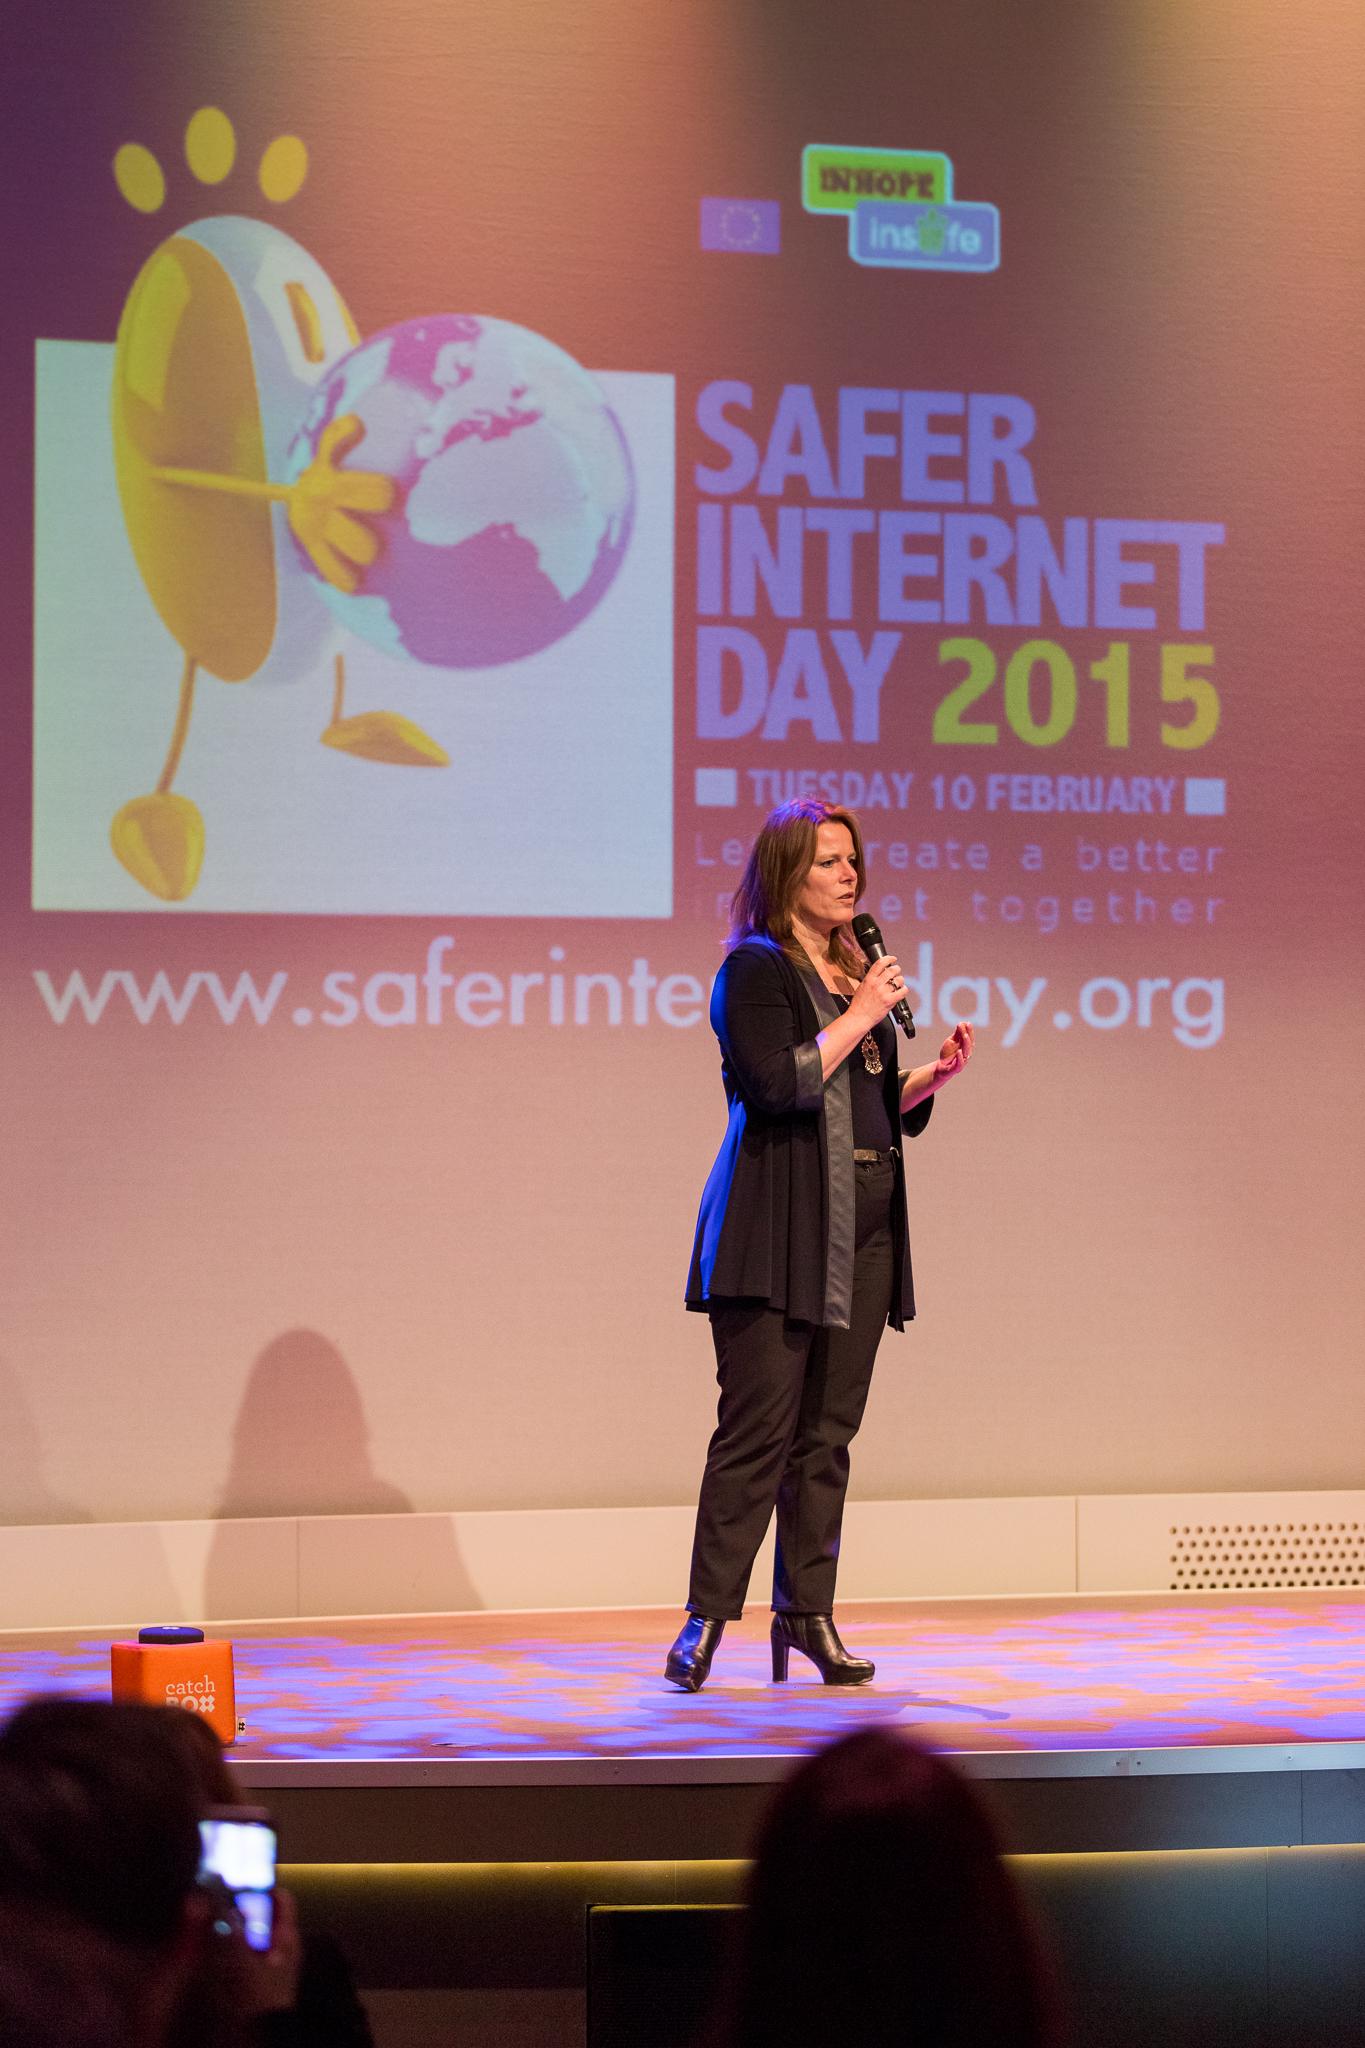 SID 2015 Safer Internet Day